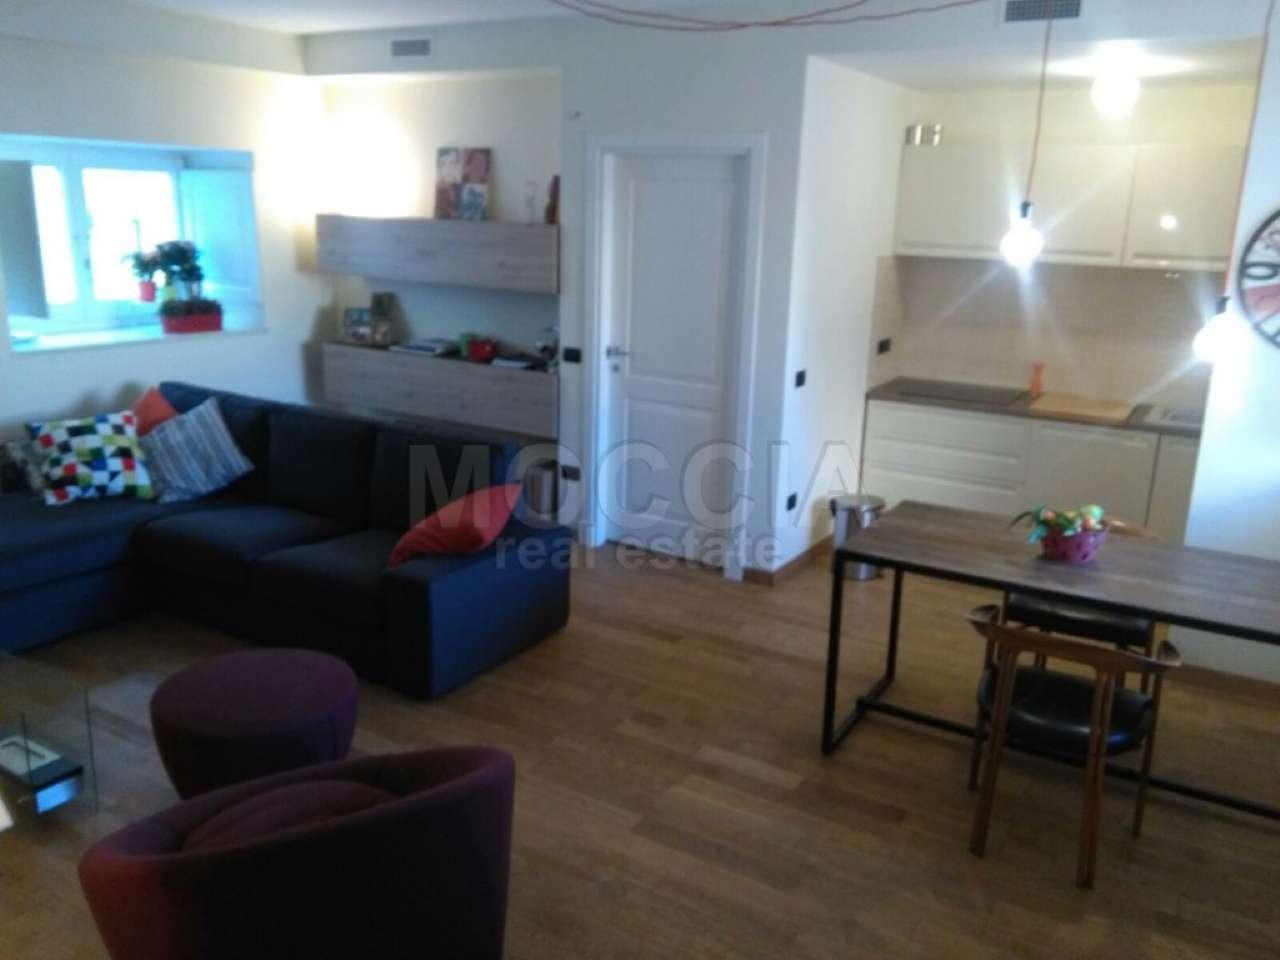 Appartamento in affitto a Caserta, 3 locali, prezzo € 700 | Cambio Casa.it